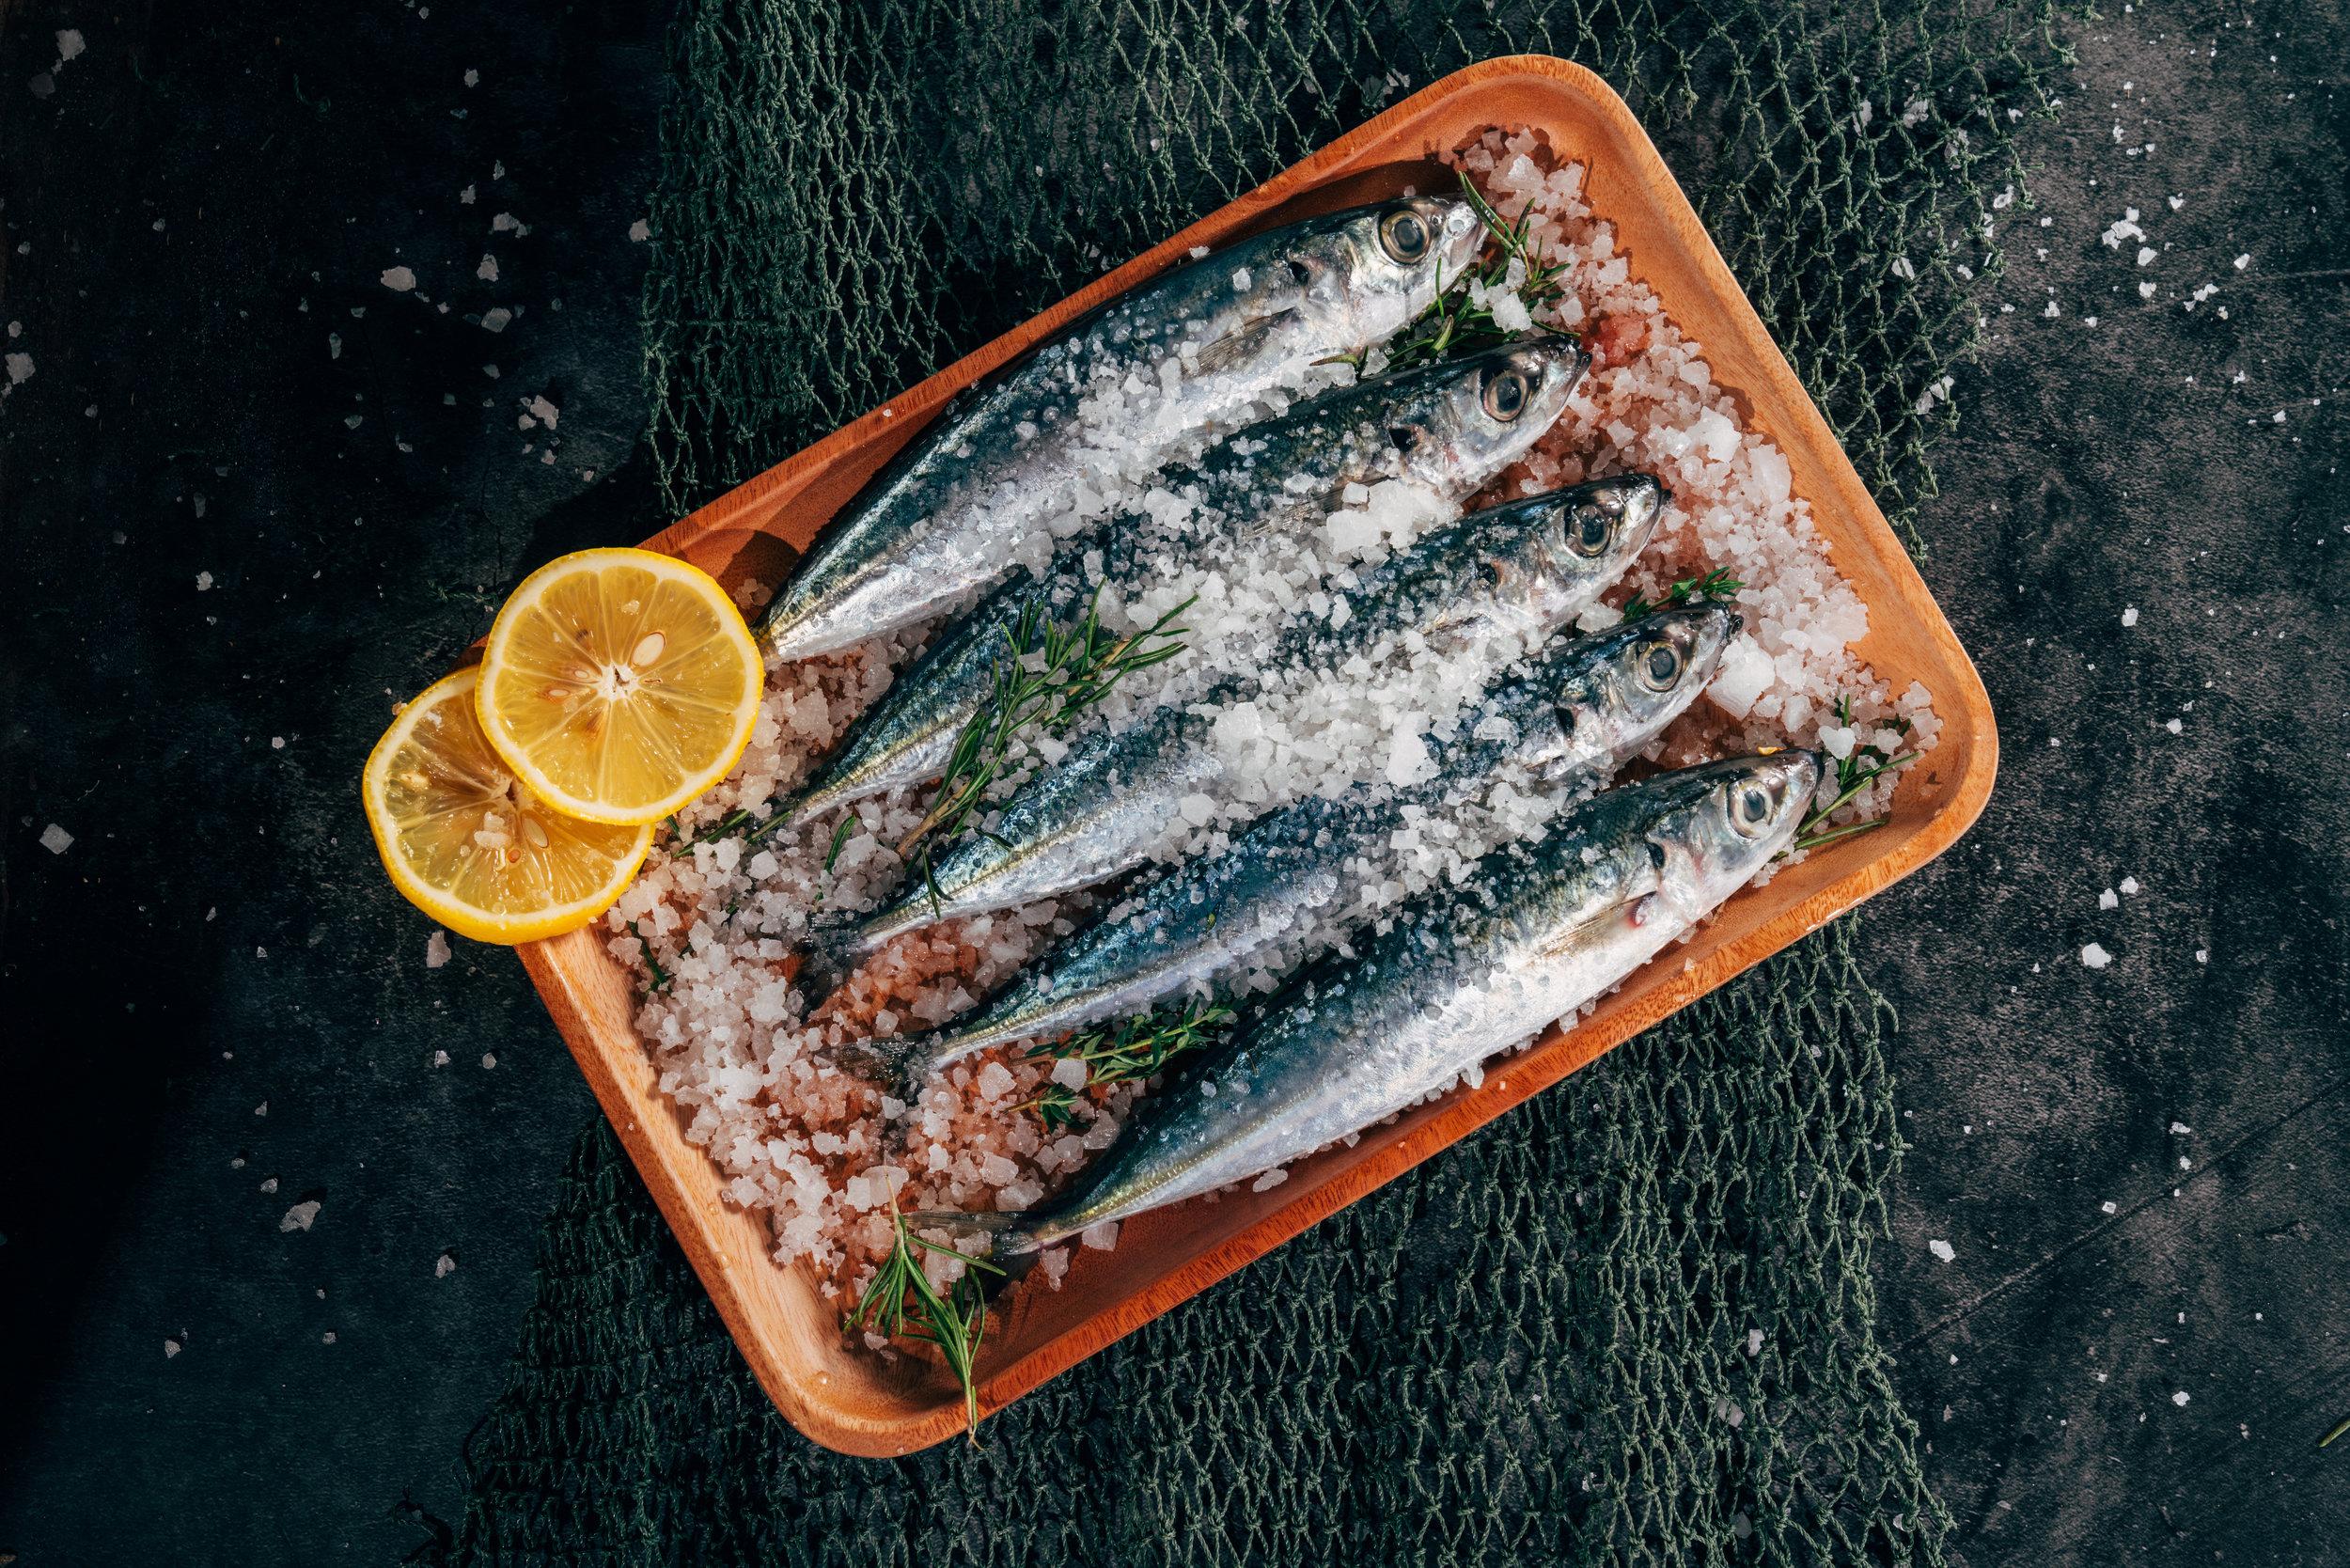 poissons gras - Les poissons gras (anchois, sardine, thon, saumon, maquereau, hareng...) exercent sur la fabrication de mélatonine, une hormone qui régule le sommeil. Ils regorgent en fait d'acides gras polyinsaturés et spécifiquement d'oméga-3